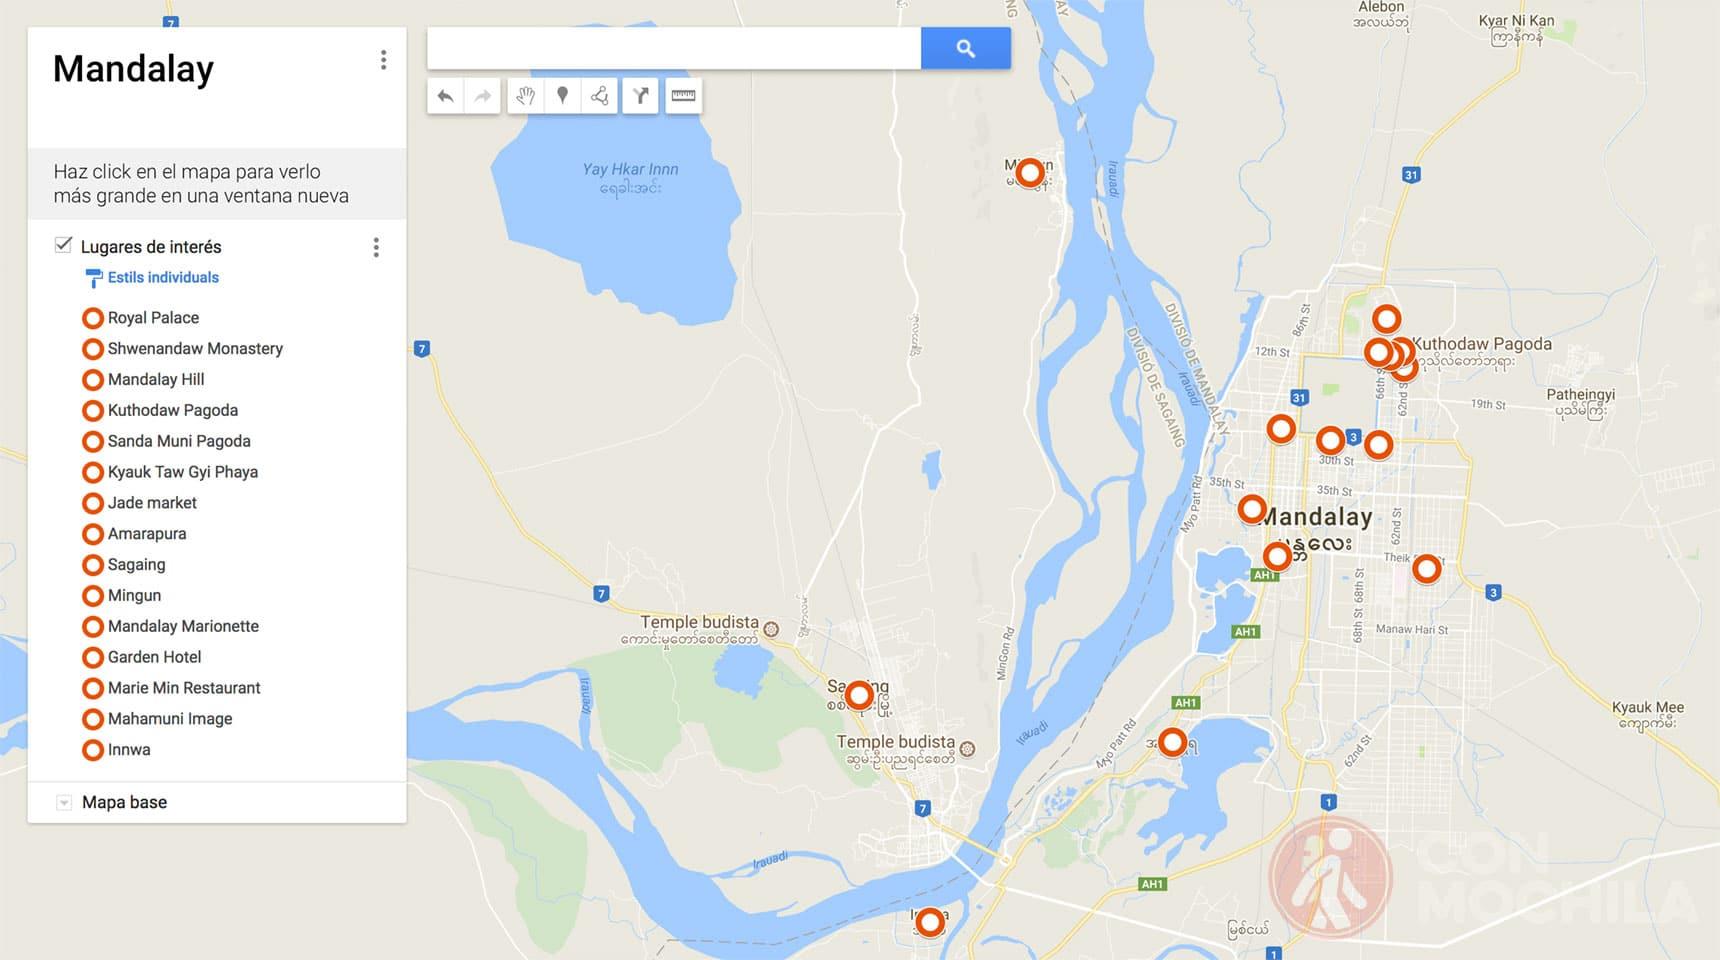 Mapa de Mandalay